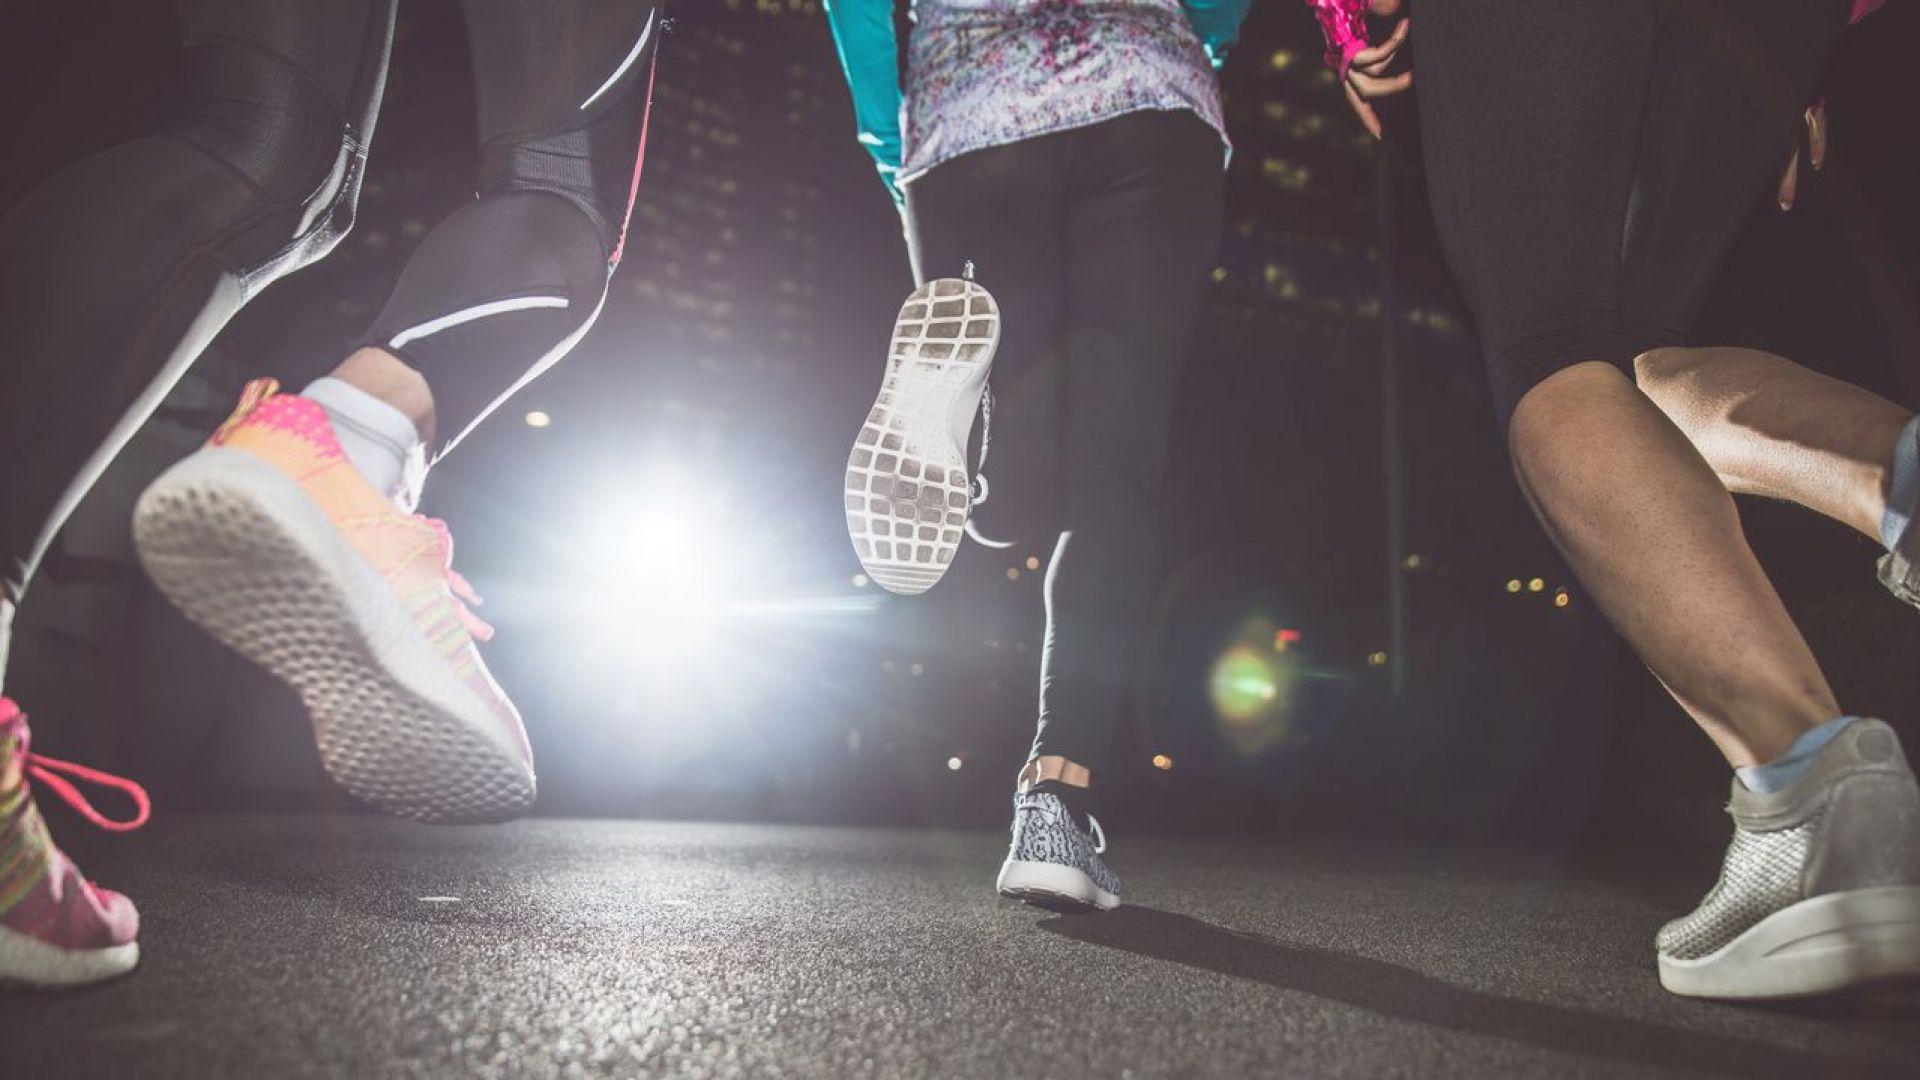 Физическата активност вечер увеличава работоспособността?